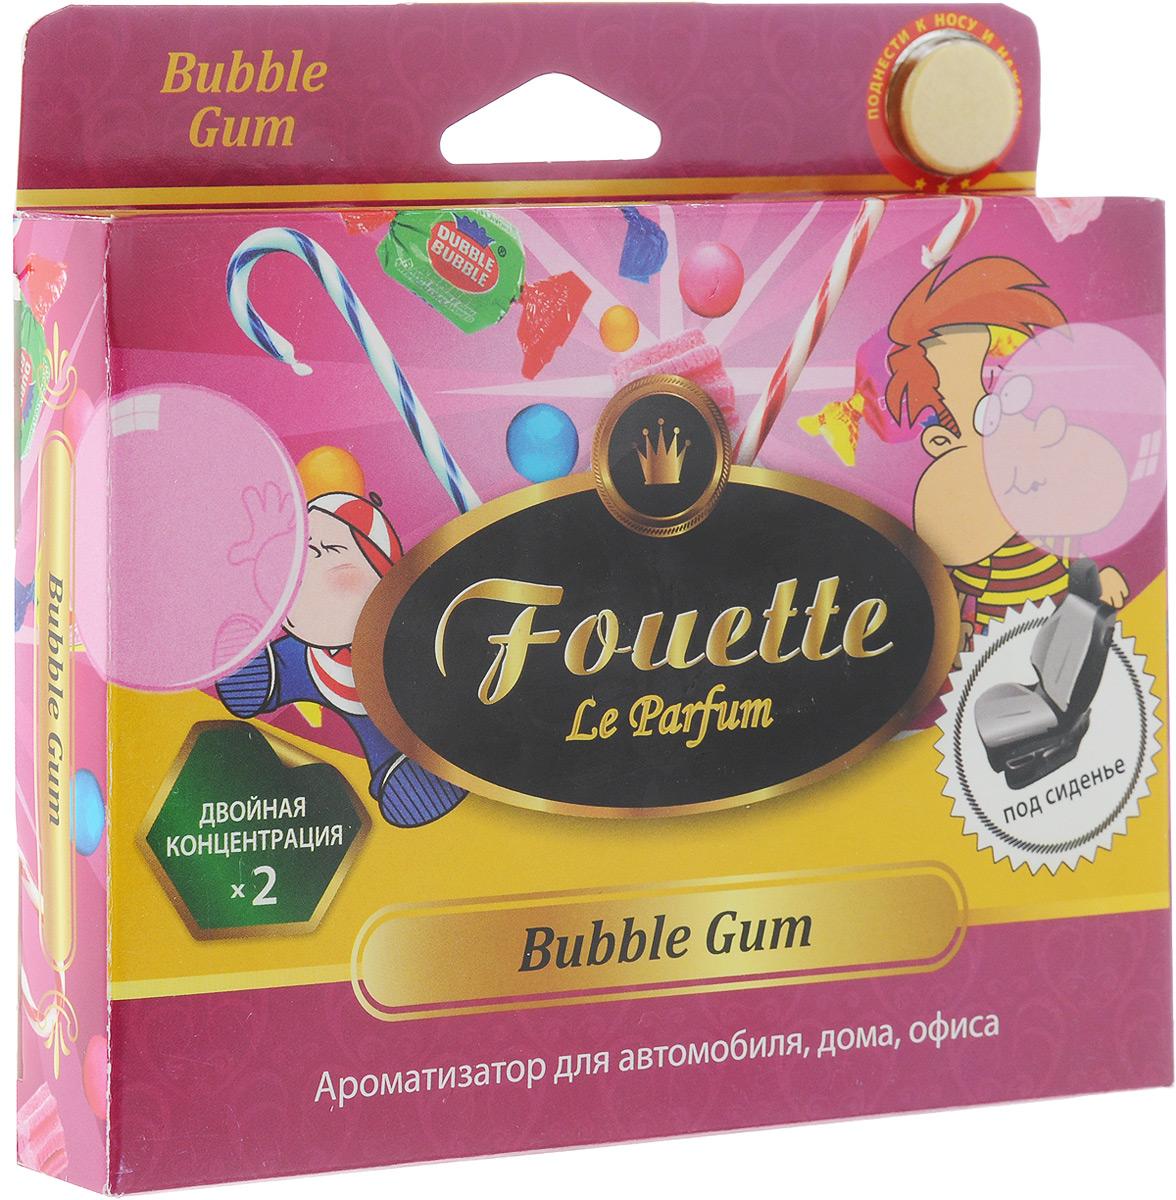 Ароматизатор для автомобиля Fouette Collection Aromatique. Bubble Gum, под сиденье, 200 гF-18Ароматизатор двойной концентрации Fouette Collection Aromatique. Bubble Gum содержит только натуральные концентраты, созданные по рецептуре французских парфюмеров. Простой дизайн и практичная основа внутреннего содержания позволяют поместить его в любом удобном для вас месте. Приятный аромат окутает вас на долгое время. Для автомобиля рекомендуется поместить ароматизатор под пассажирским сиденьем. В помещении можно использовать для ароматизации воздуха, положив изделие в шкаф, под мебель, в туалетную или ванную комнату.